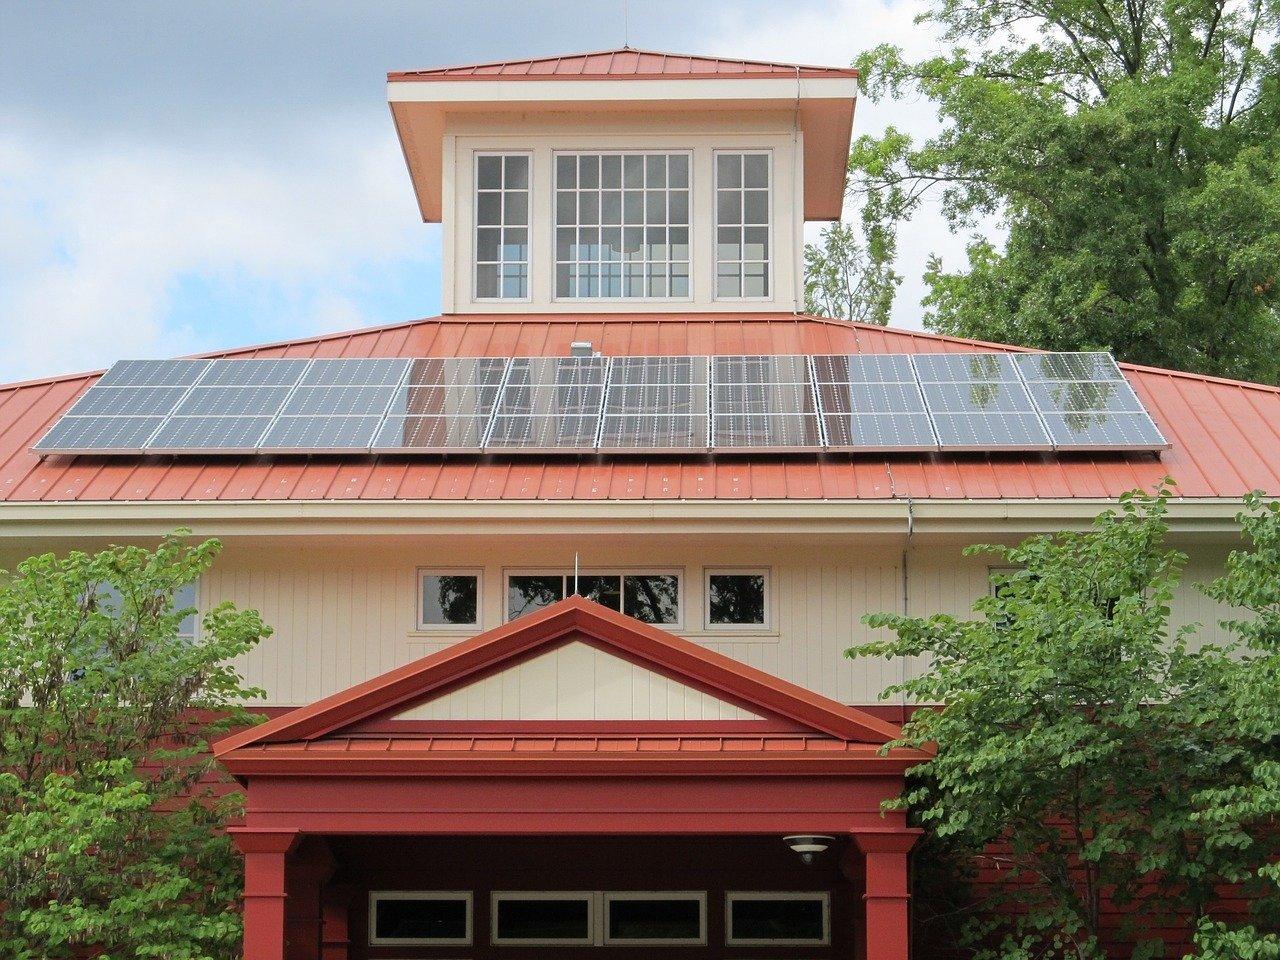 Tramitacion instalaciones fotovoltaicas